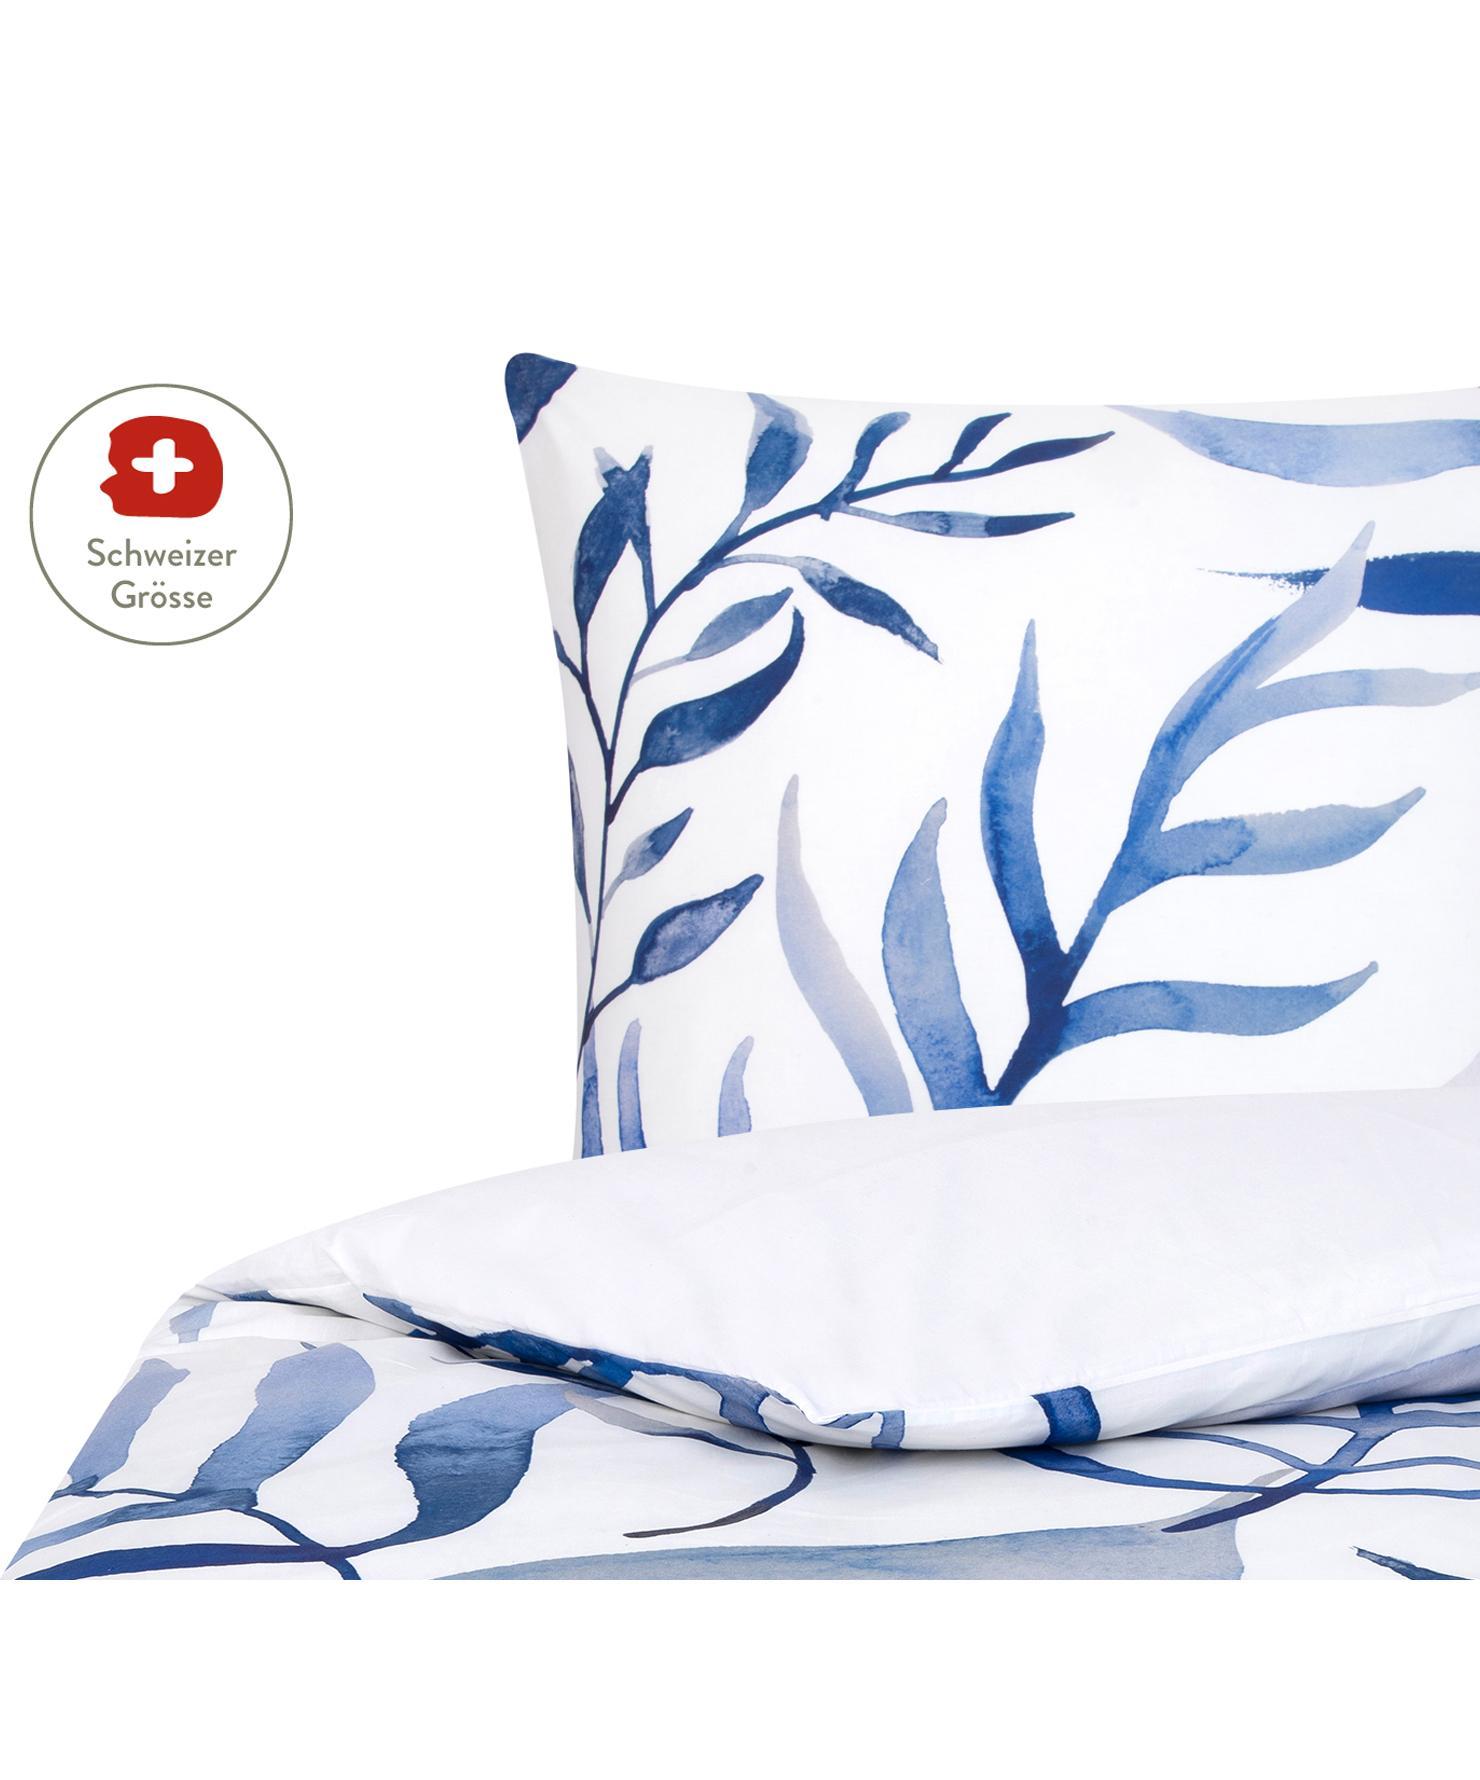 Baumwollperkal-Bettdeckenbezug Francine mit Blatt-Muster, Webart: Perkal Fadendichte 180 TC, Vorderseite: Blau, Weiss Rückseite: Weiss, 160 x 210 cm